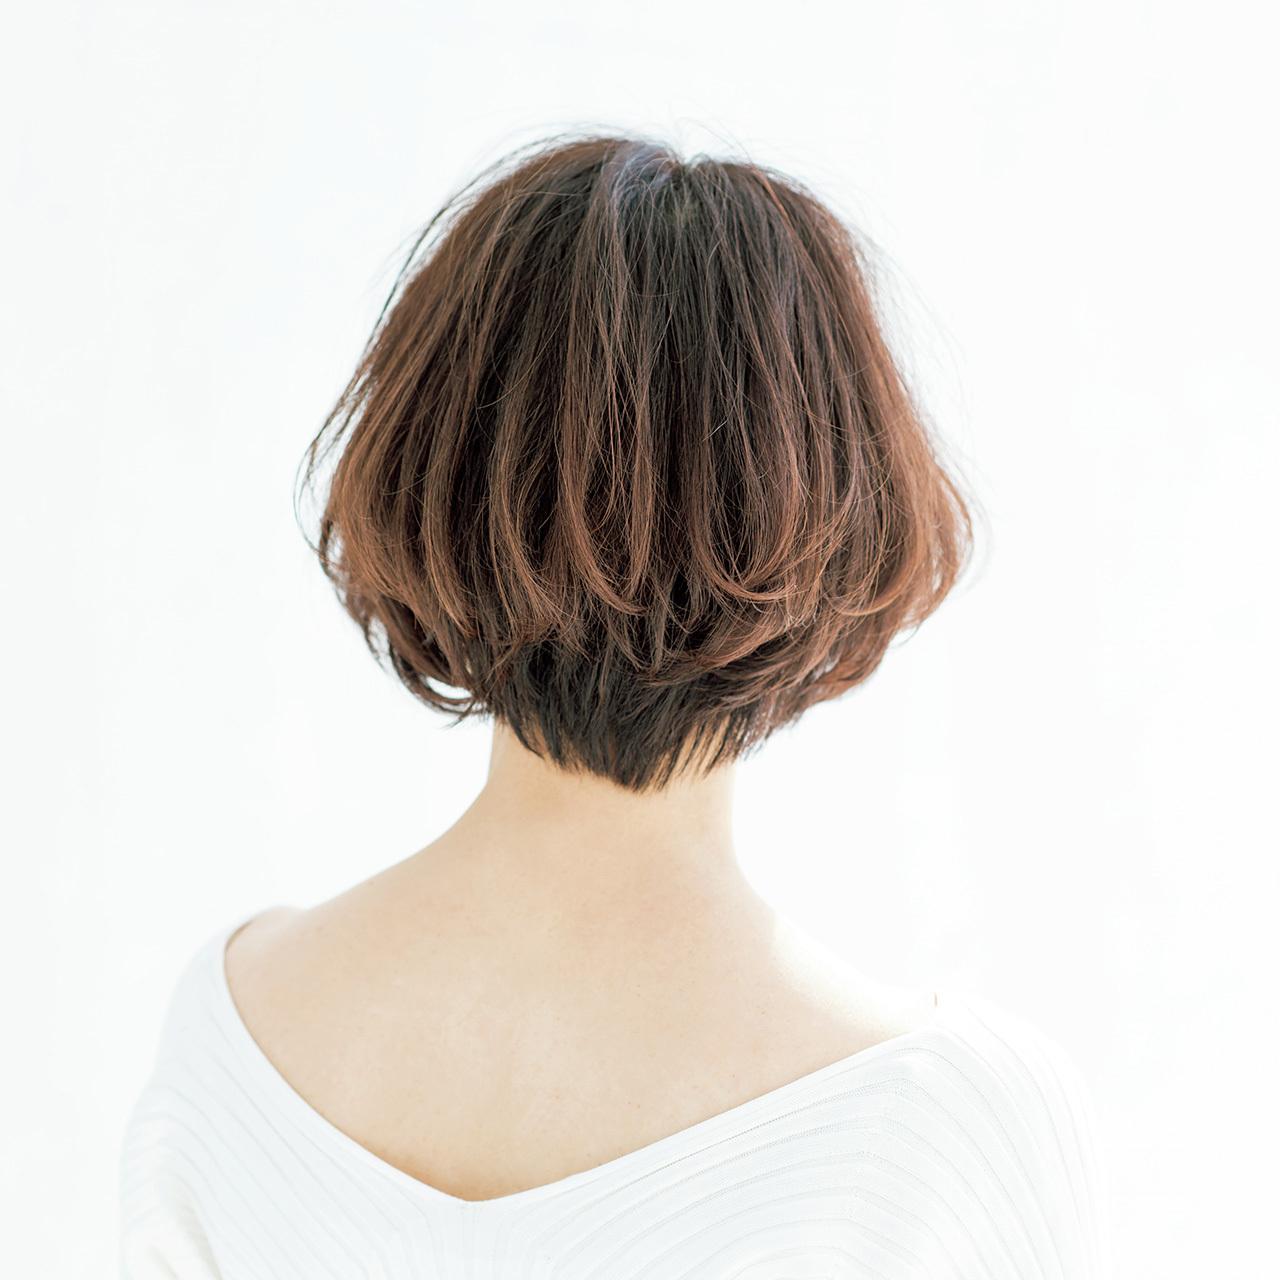 おしゃれに見える大人のヘアスタイル photo gallery_1_1-25